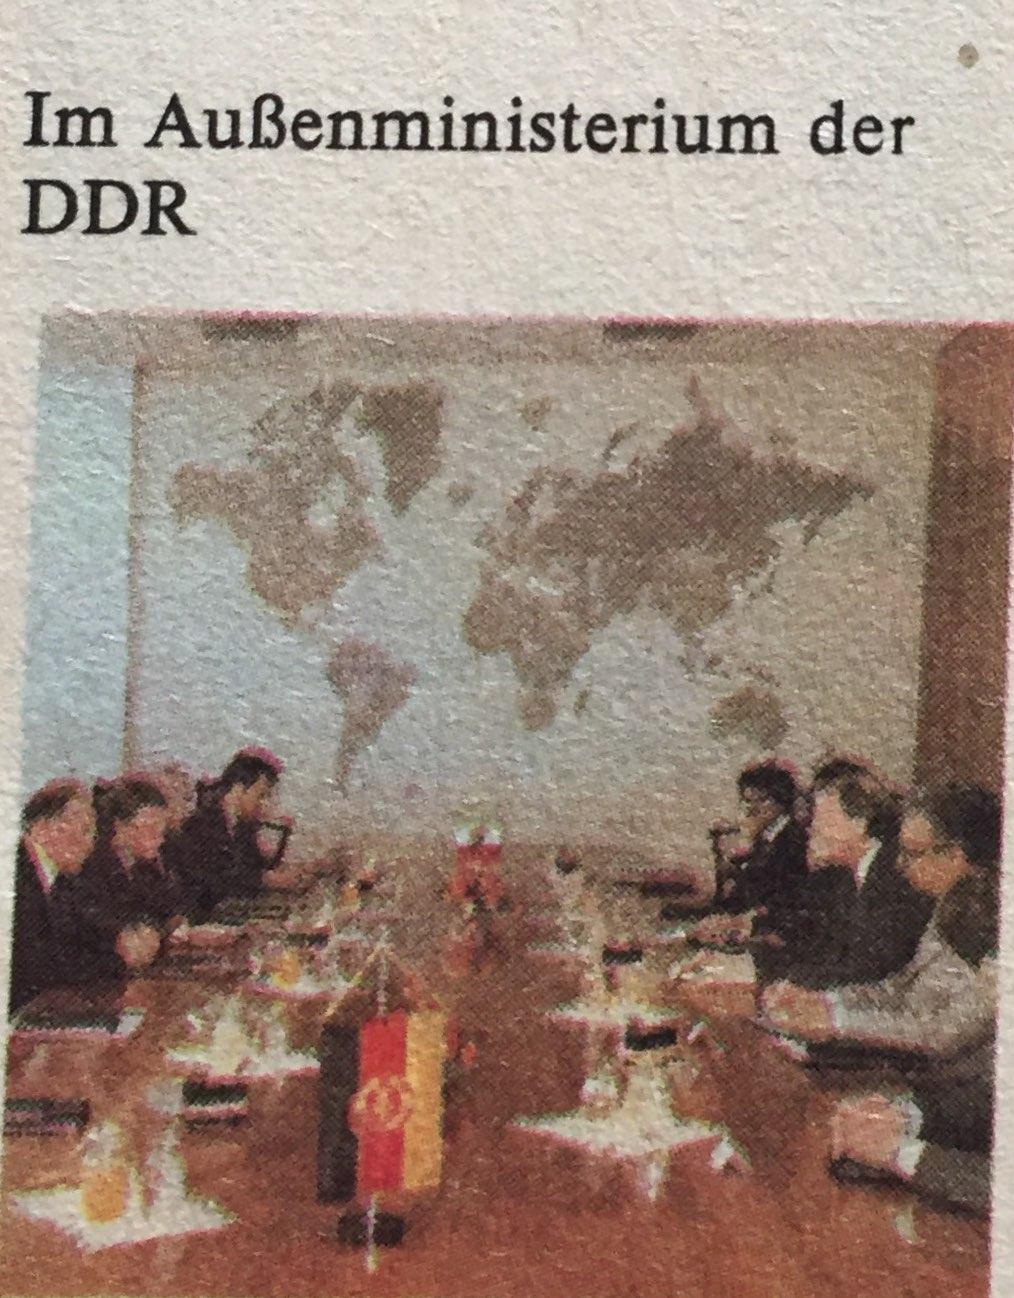 Außenministerium DDR